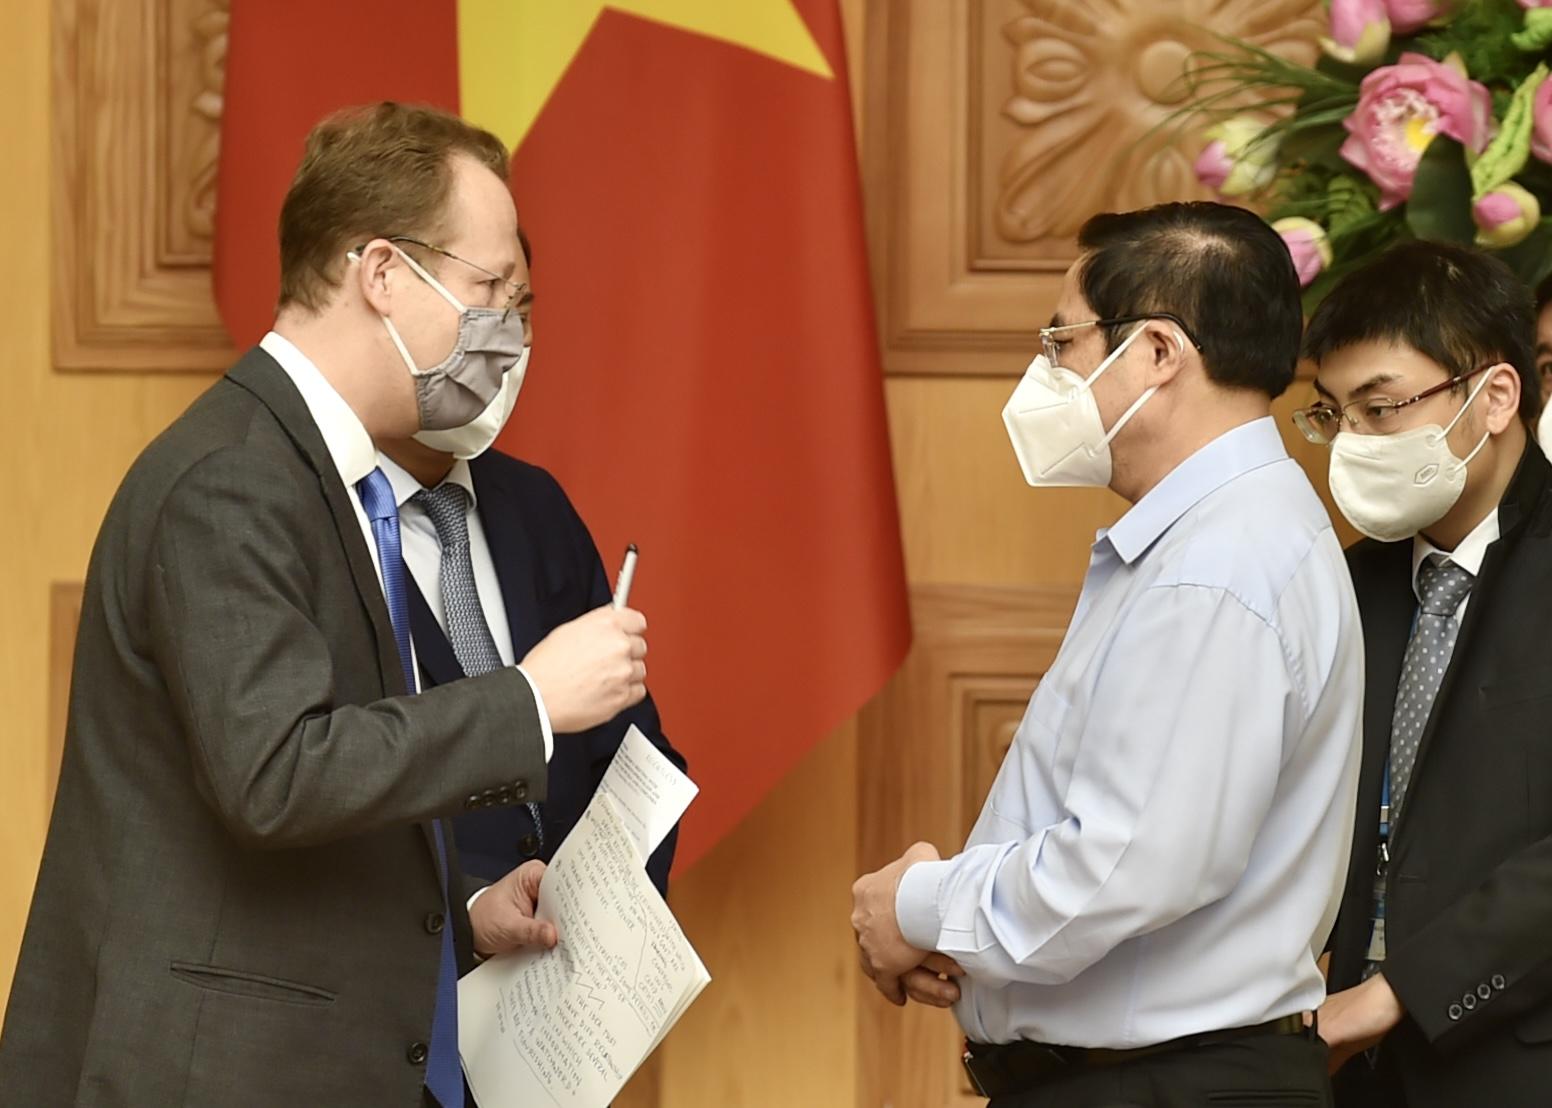 Chính phủ luôn lắng nghe, hỗ trợ các nhà đầu tư nước ngoài trên tinh thần hài hòa lợi ích, chia sẻ rủi ro